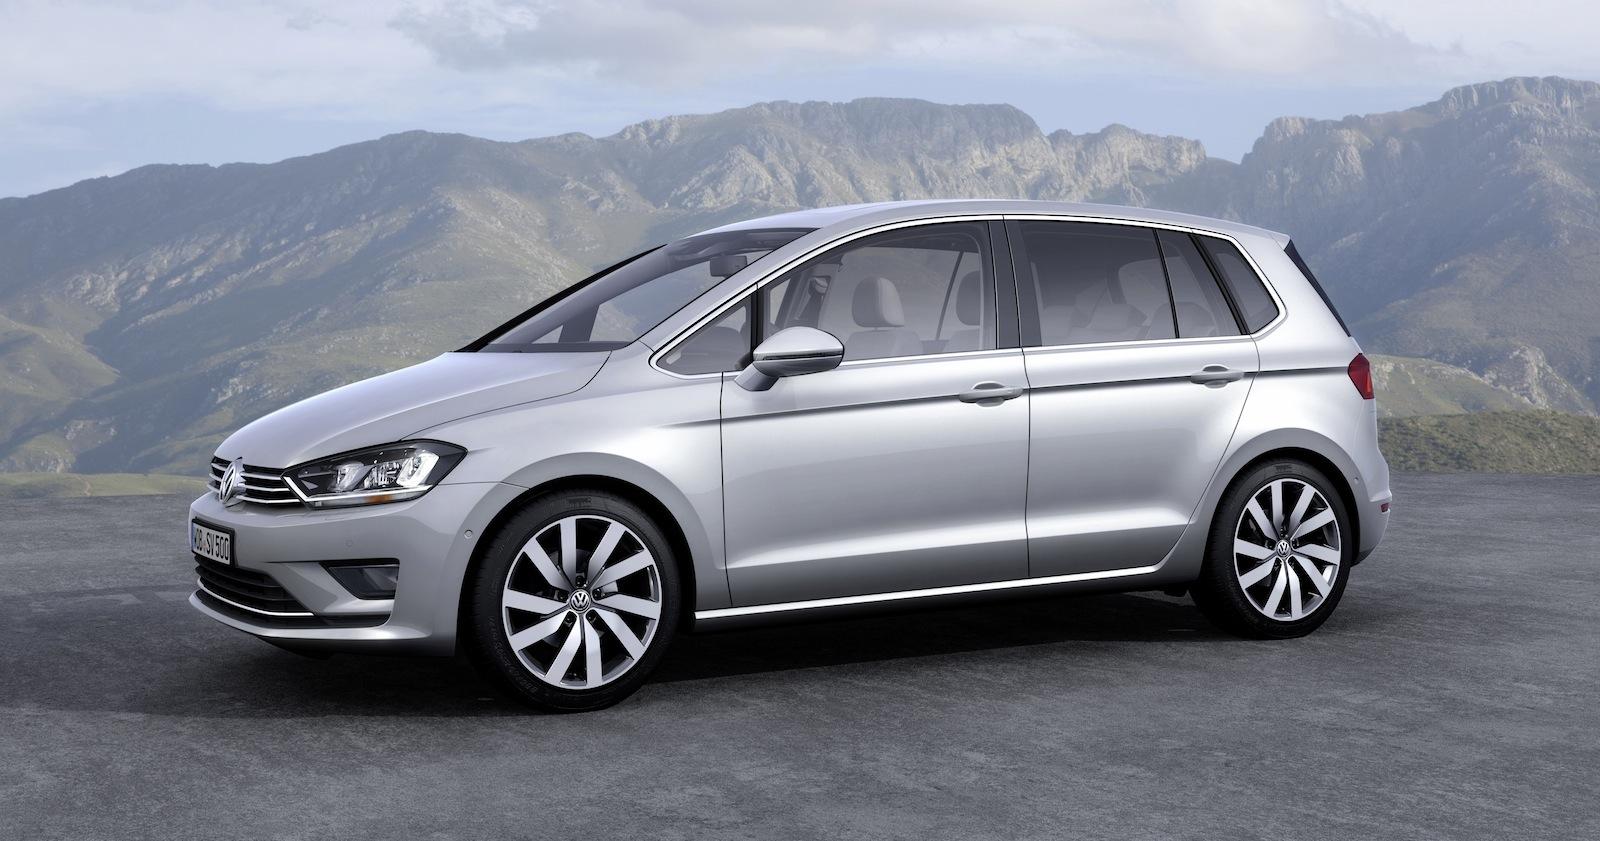 Volkswagen Gold Sportsvan concept previewed